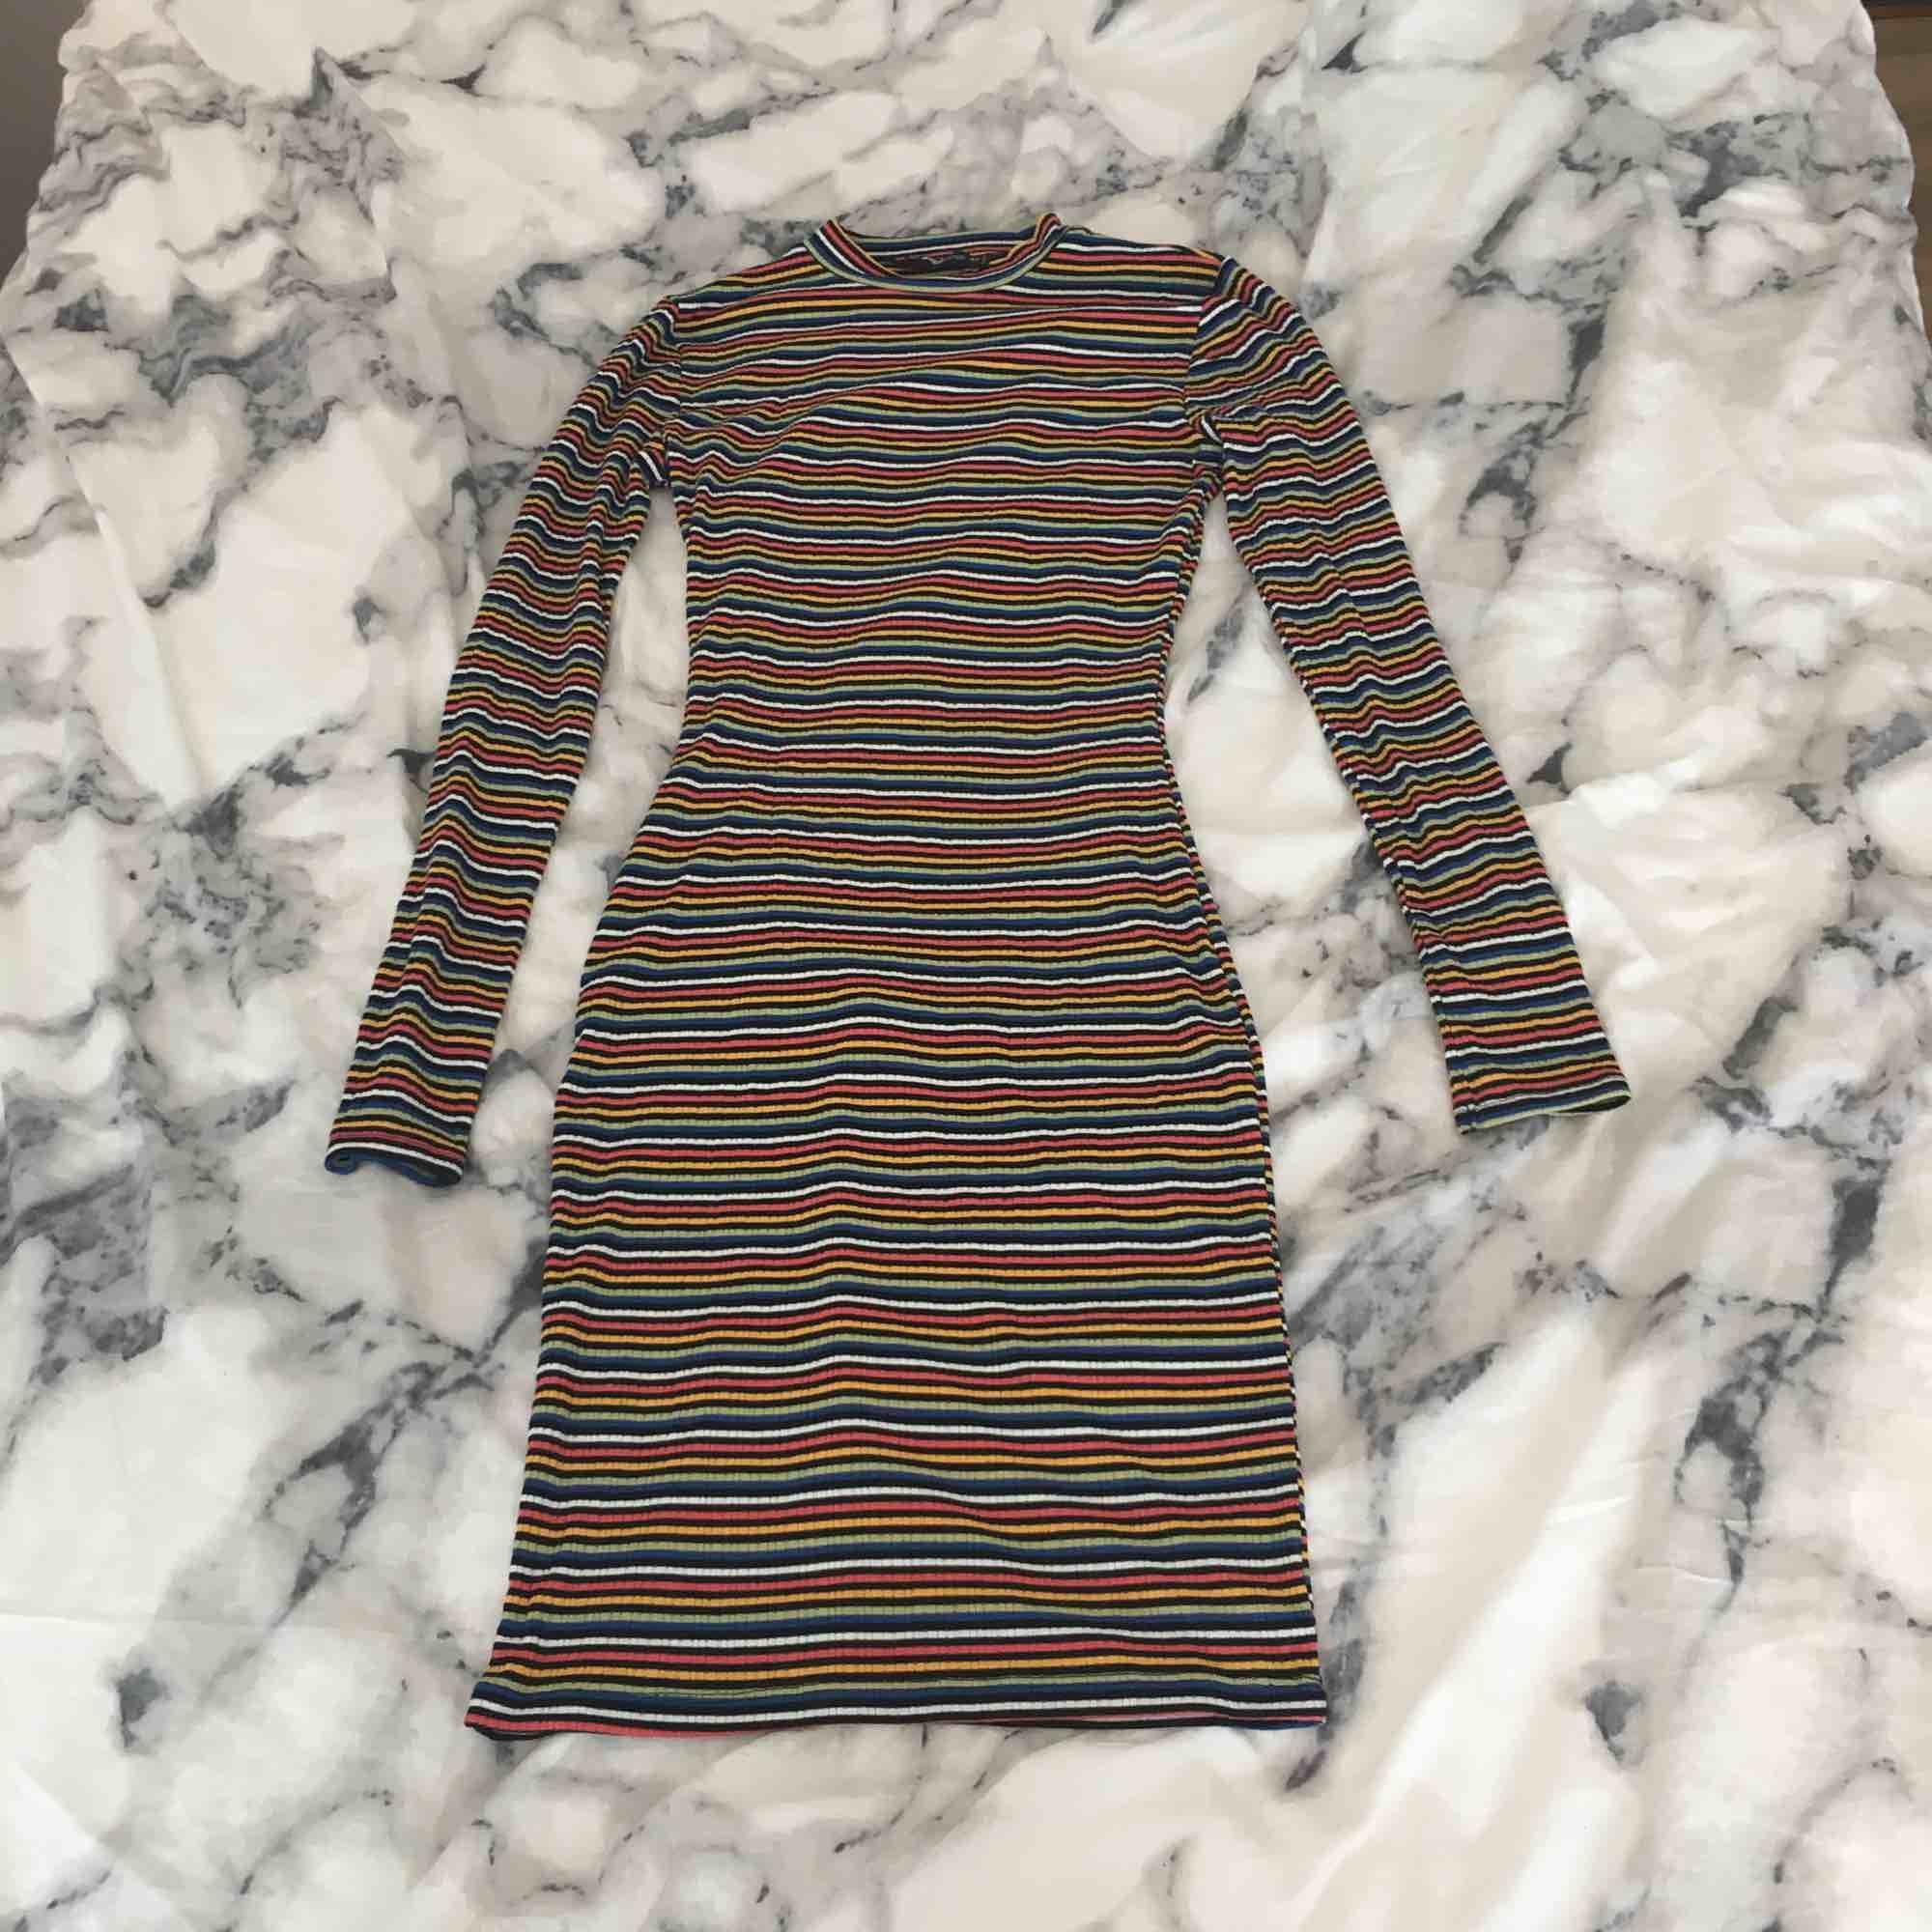 Jättesnygg och skön klänning med regnbågsfärger. Köpt på New Yorker. Det är en xs men är väldigt stretchig så passar nog M också. Säljer för att jag inte använder den så mycket och behöver pengar. Köparen får betala frakten:). Klänningar.